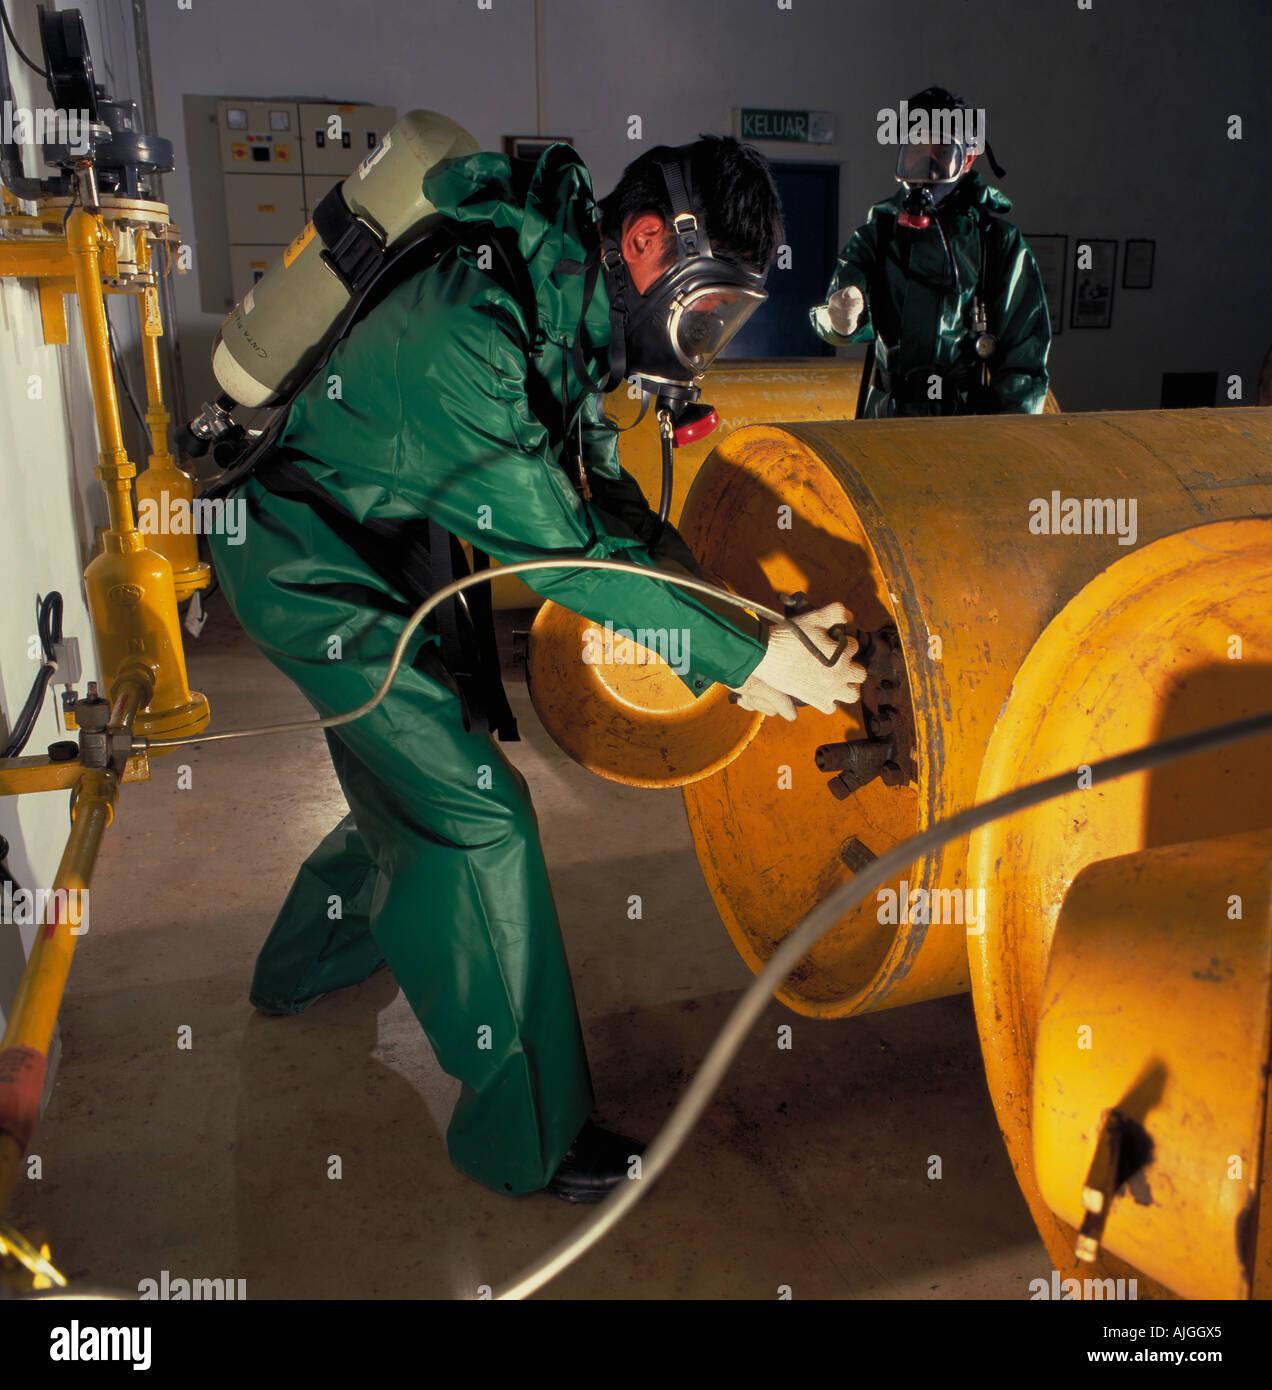 Los operadores cambiar tanques de cloro para uso en la planta de tratamiento de agua, de Tawau, Sabah, Malasia Foto de stock